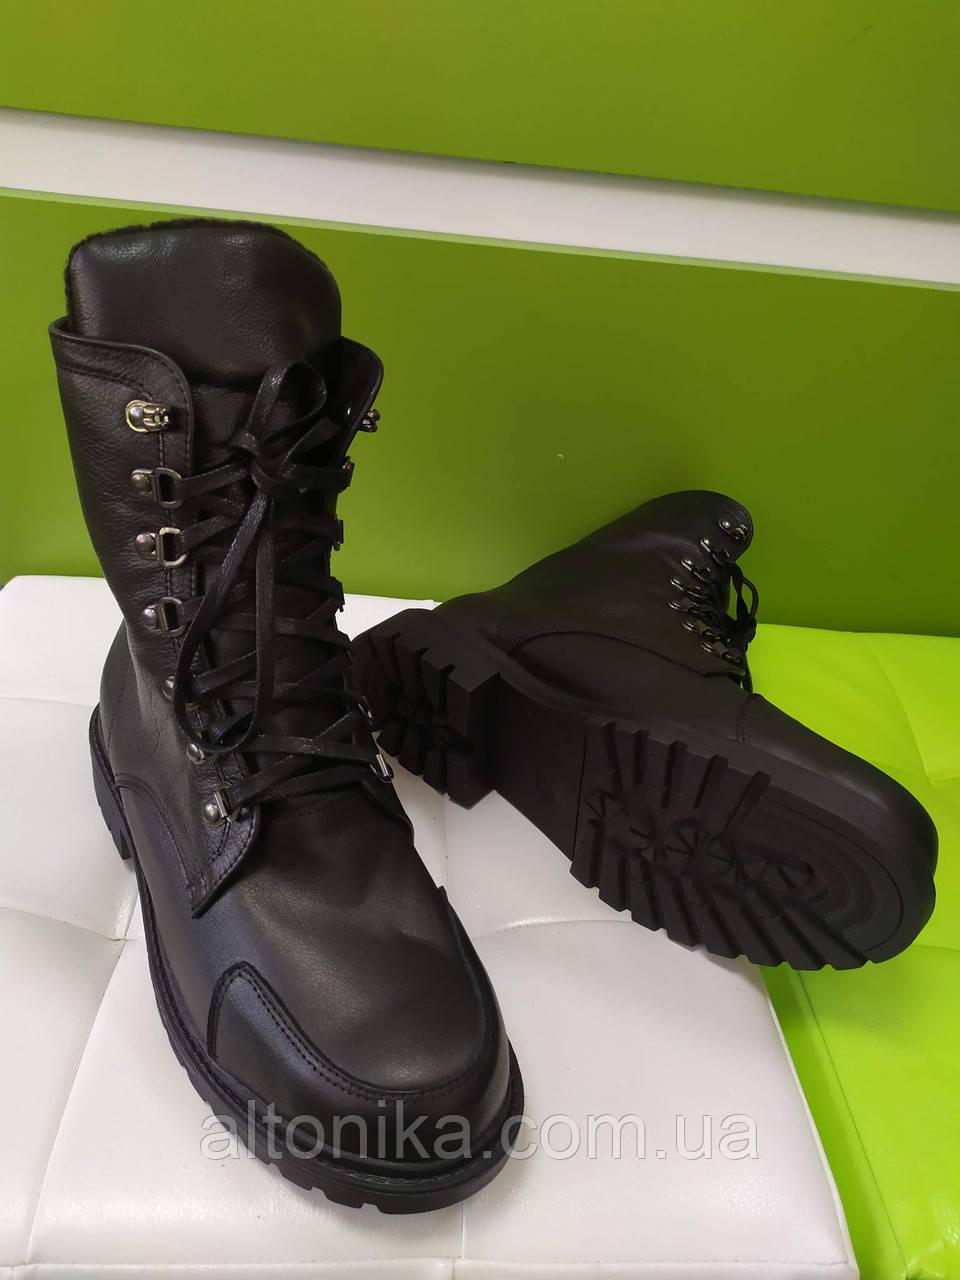 STTOPA деми зима. Размеры 36-41. Ботинки кожаные больших размеров! С9-57-3641-3-3643 Черные